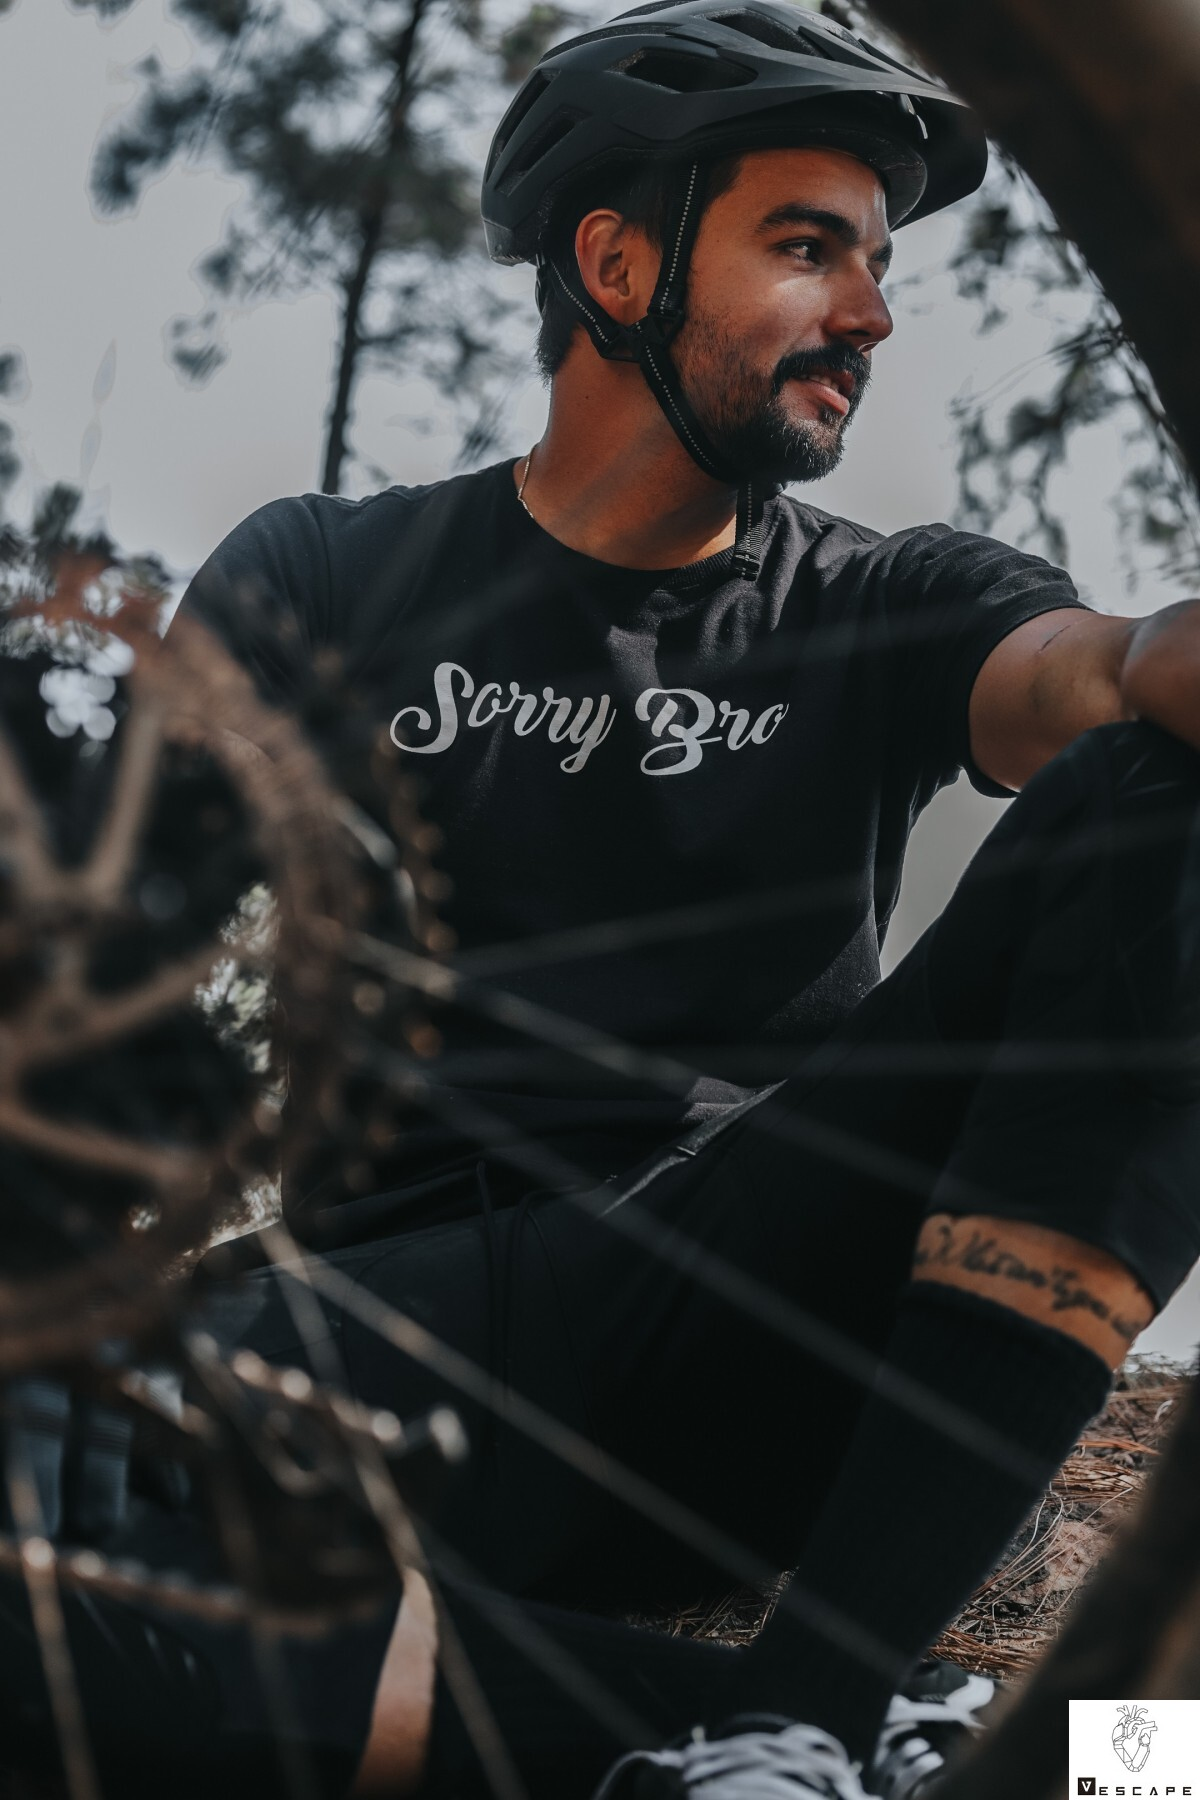 Foto 1 - Camisa Sorry Bro